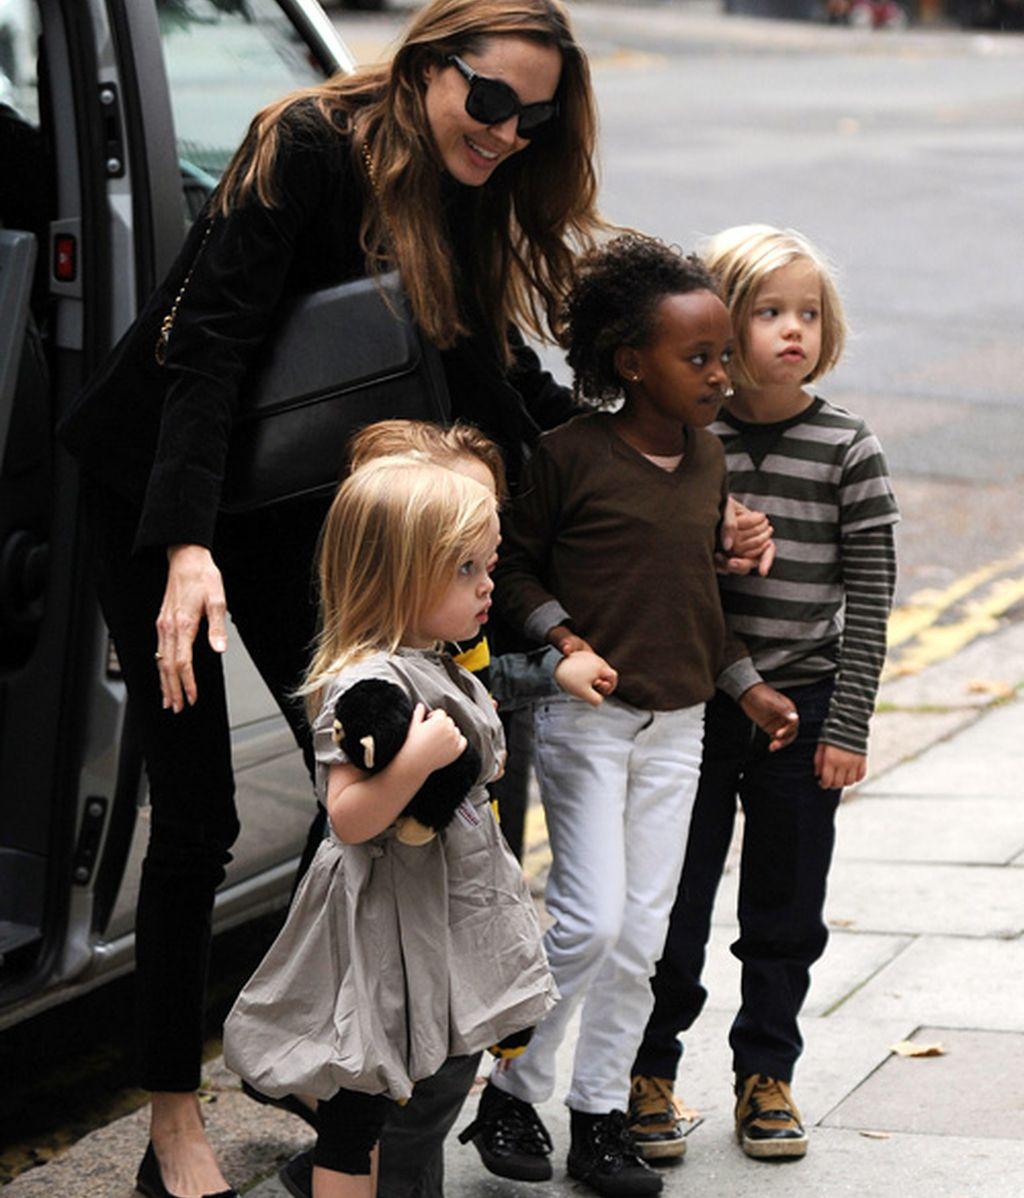 Fiestuqui de los niños Jolie-Pitt en casa de Kingston, el hijo de Gwen Stefani